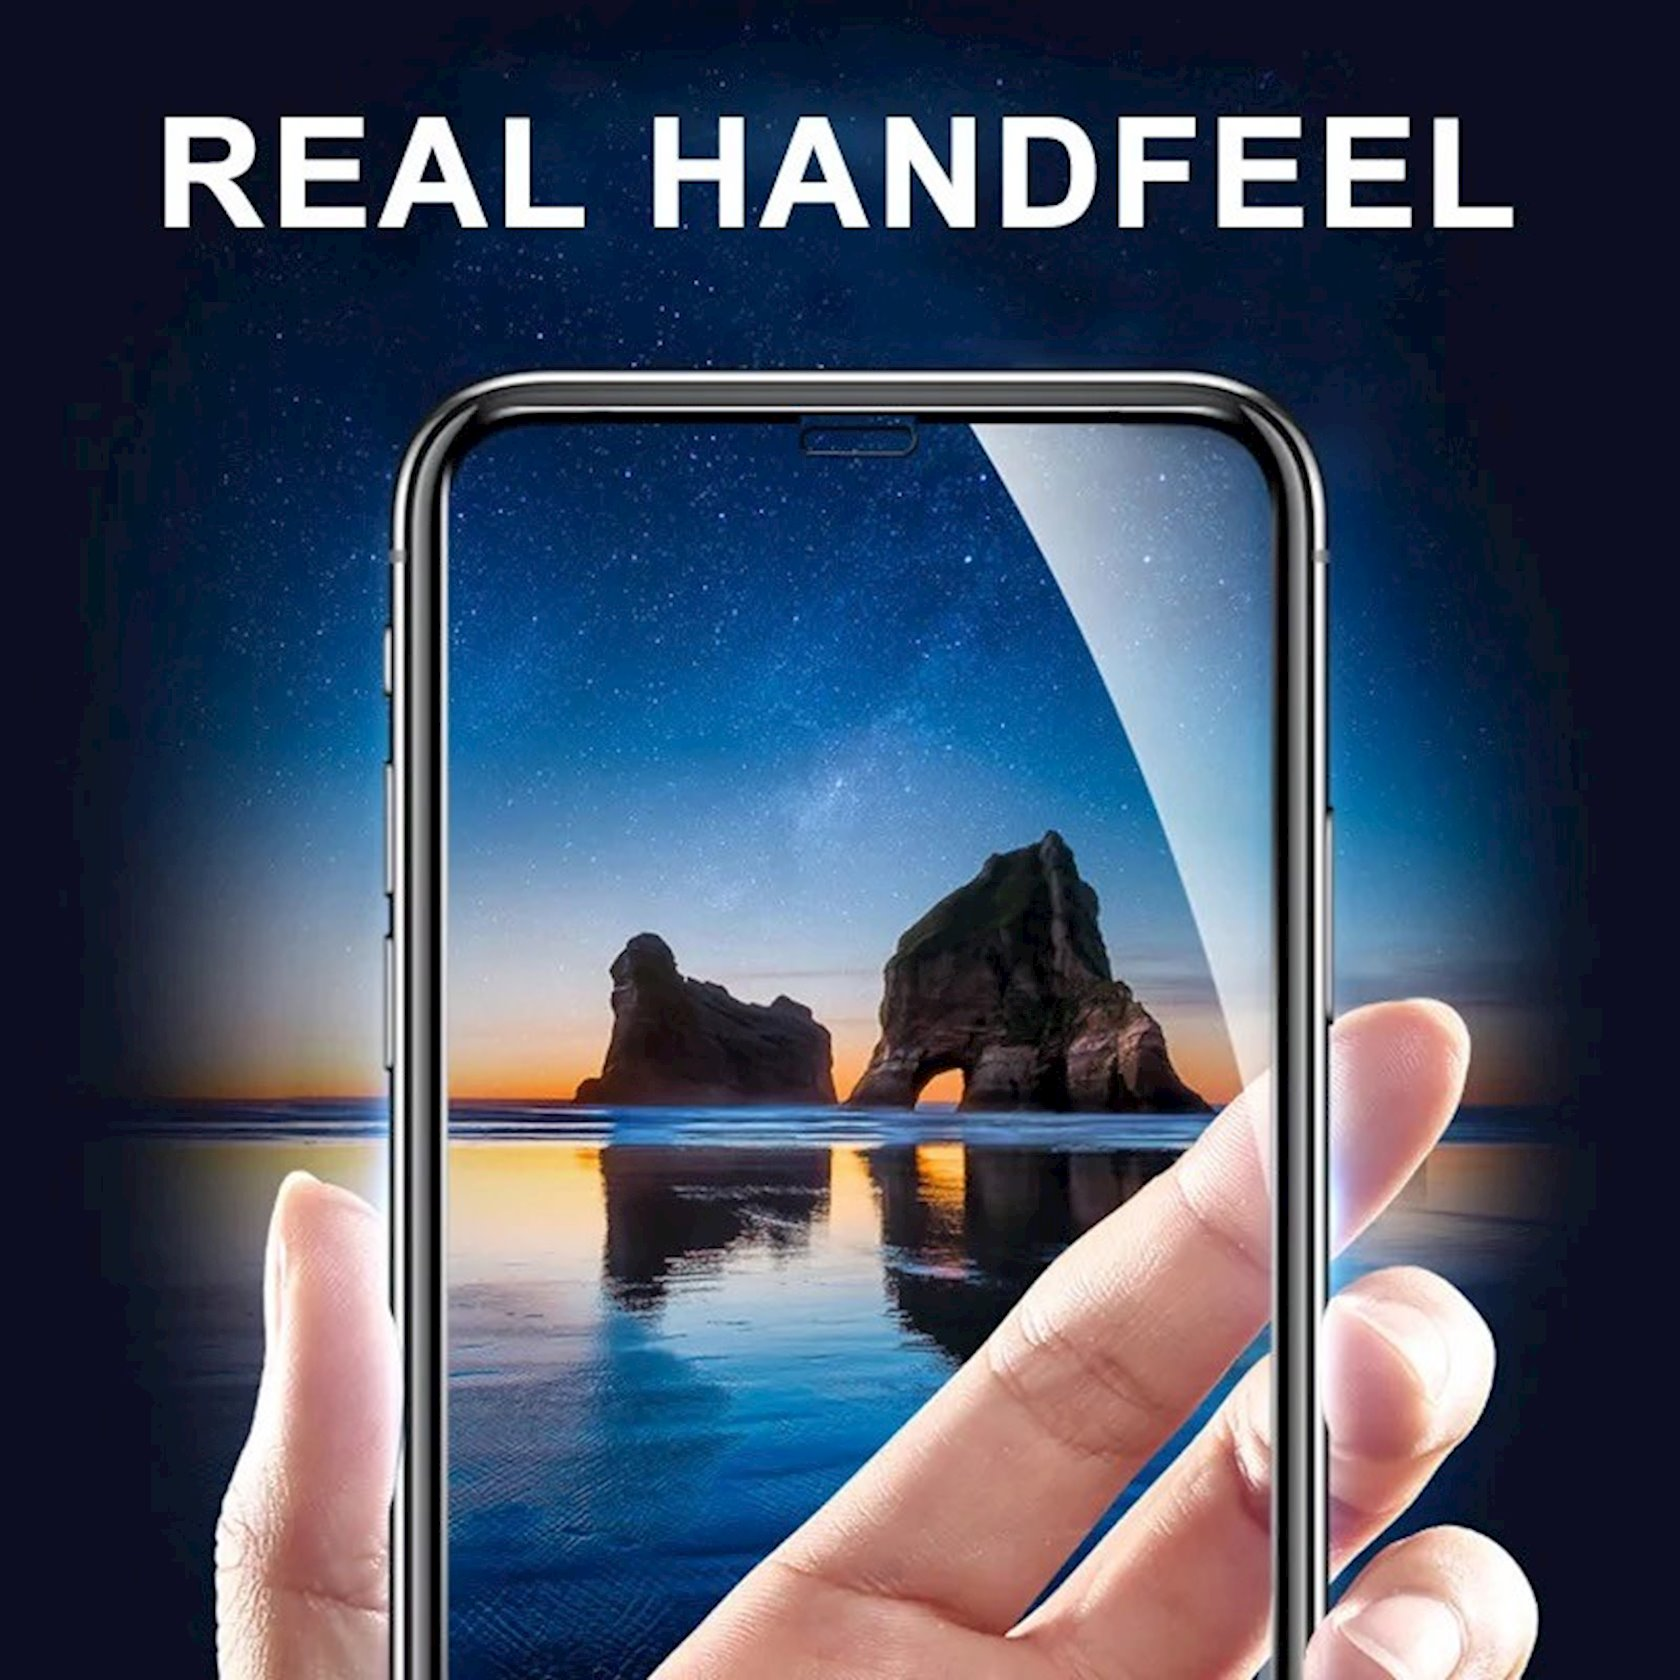 Qoruyucu şüşə OG 6D Premium Apple iPhone 7 Plus/8 Plus üçün Black